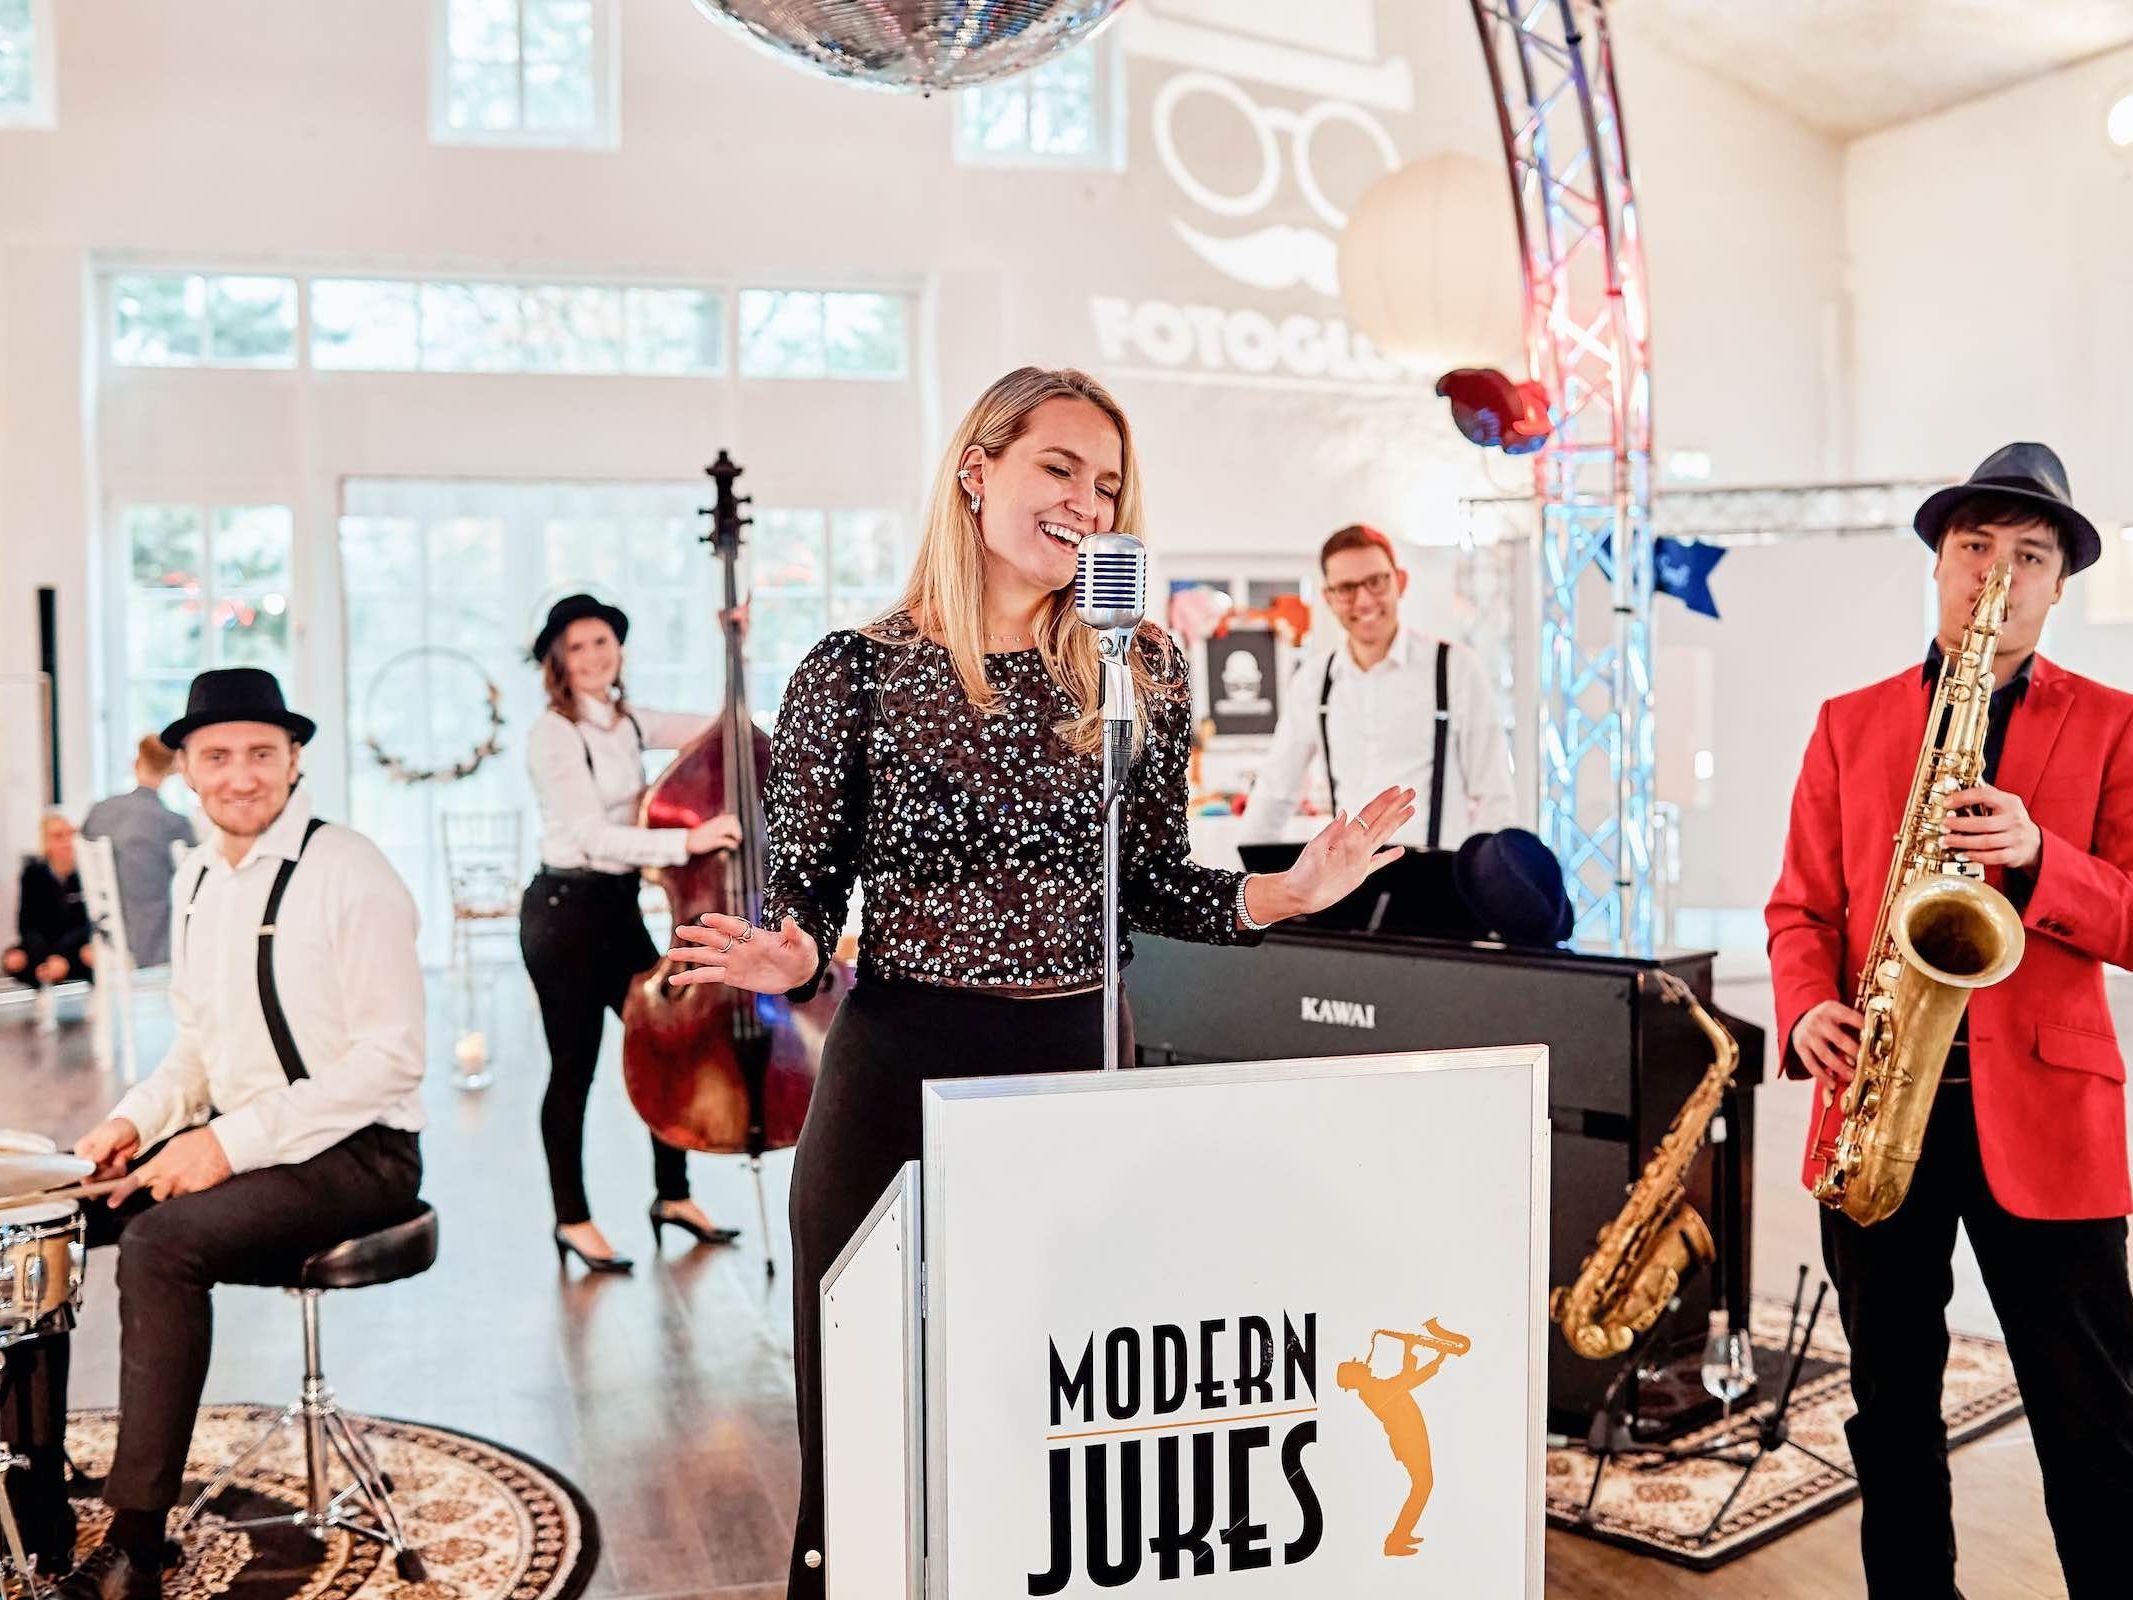 Partyband | Jazzband | Hannover | Buchen | Band | Empfang | Sektempfang | Popband | Partyband | Sektempfang | Party | Trauung | Dinner | Buchen | Mieten | Lehmann | Eventservice